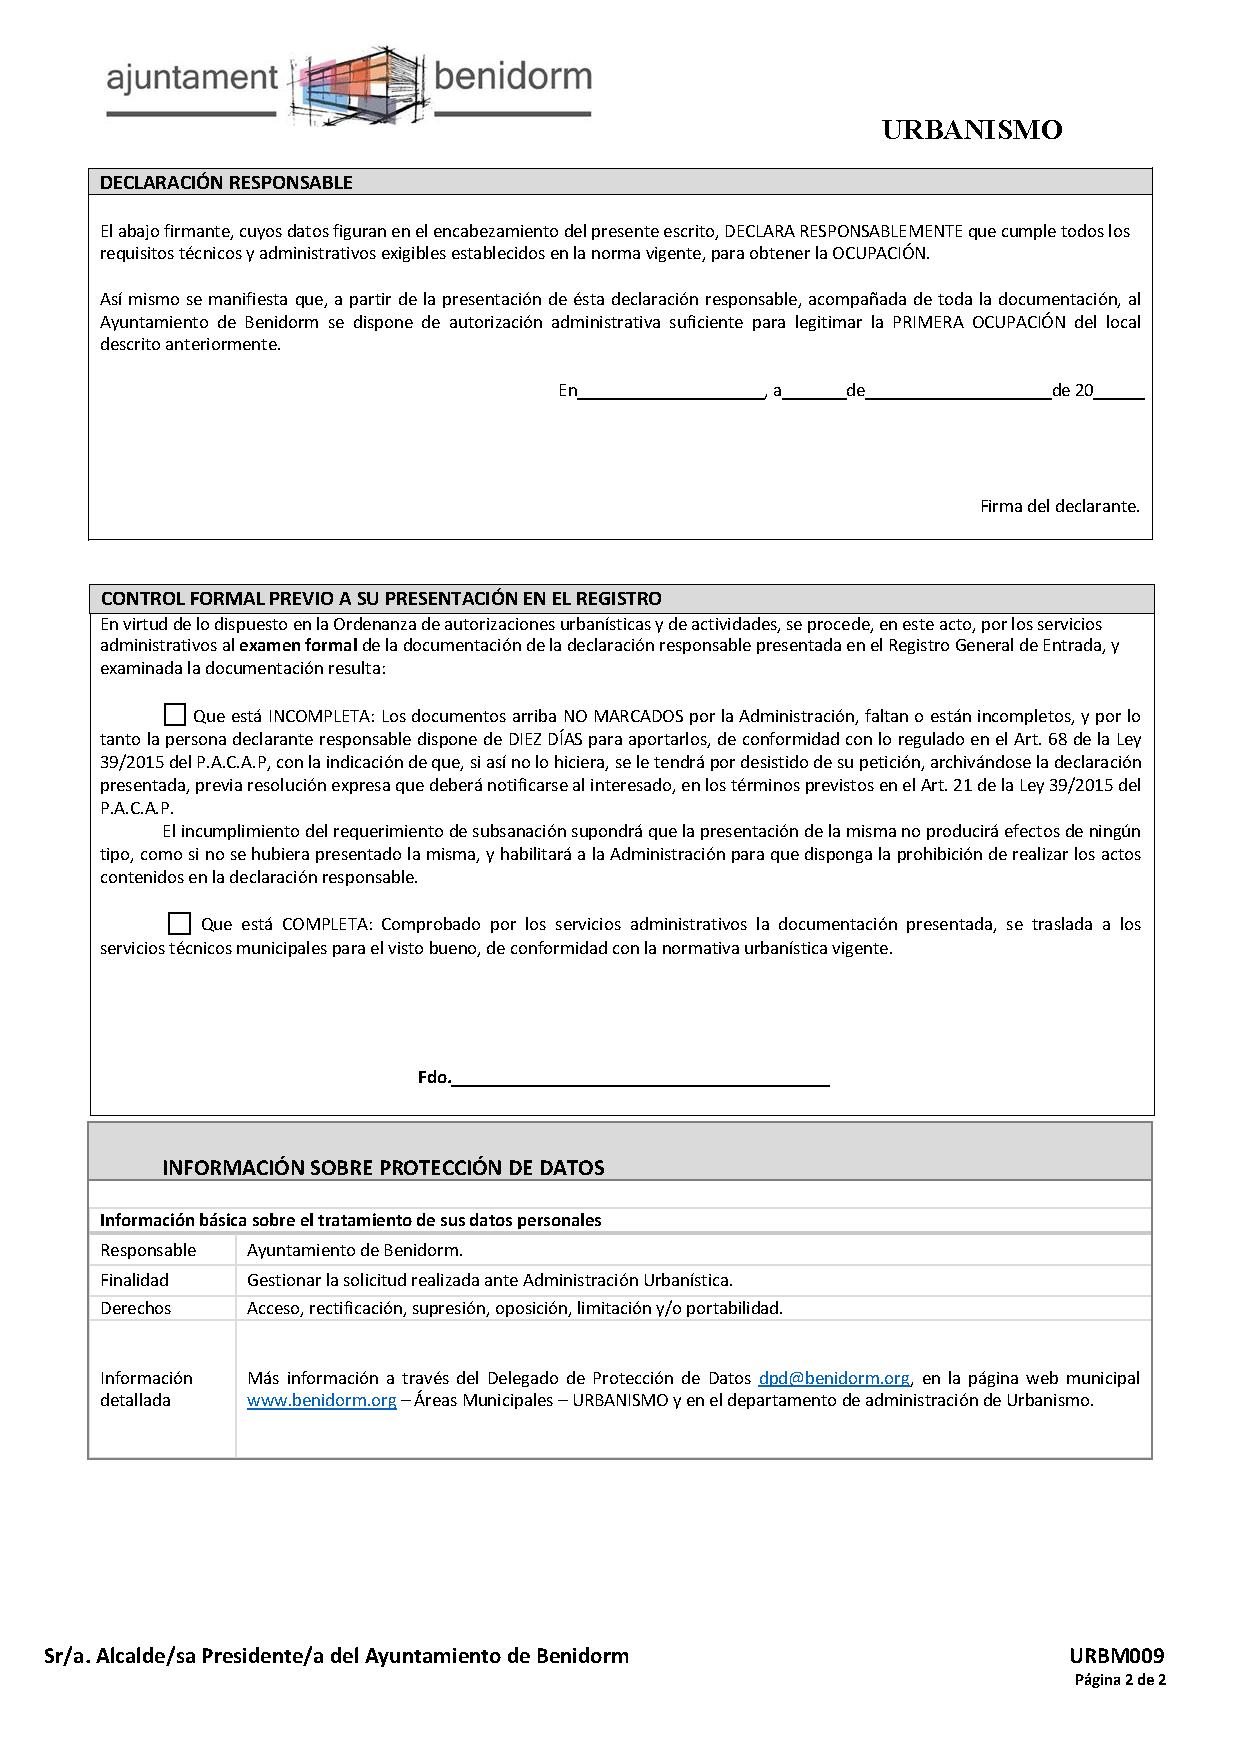 Impreso Declaración Responsable Segunda Ocupación Benidorm - Local